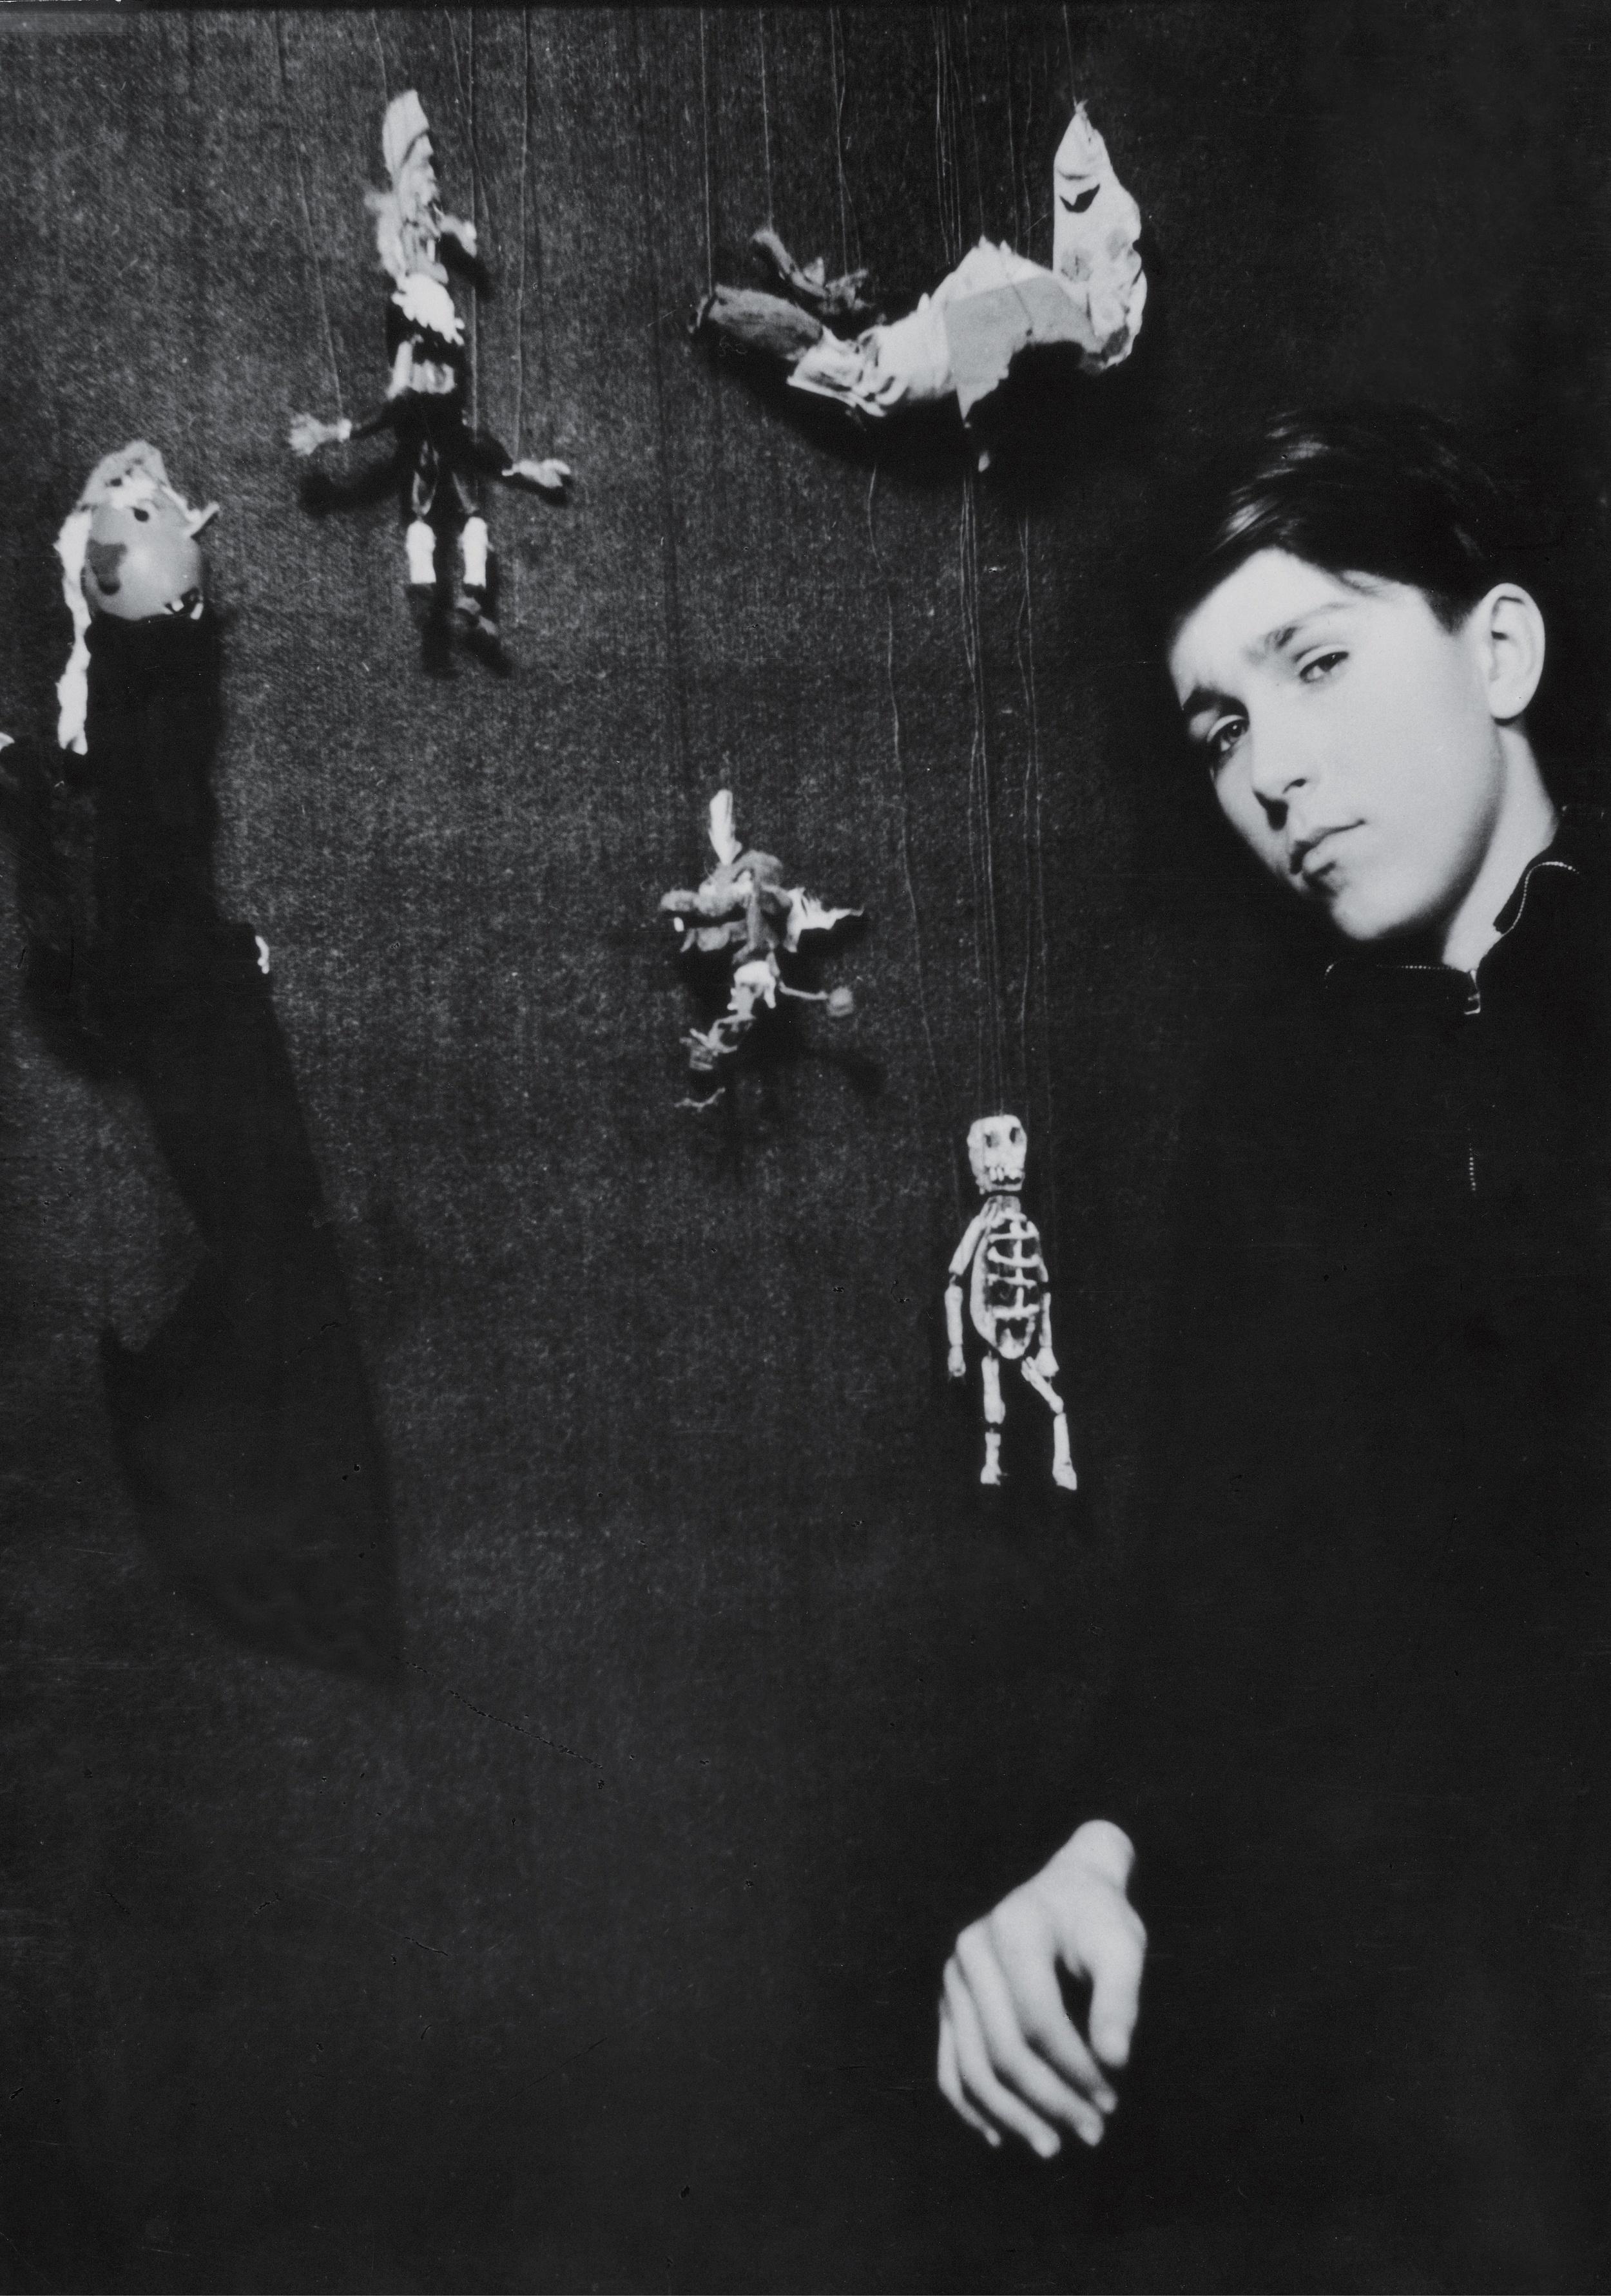 Portrait de Björn FÜLHER à l'âge de 14 ans (1949). Photographie noir et blanc. 35x28,2 cm. Droits réservés. Archives personnelles de Björn FÜHLER. Orbey.